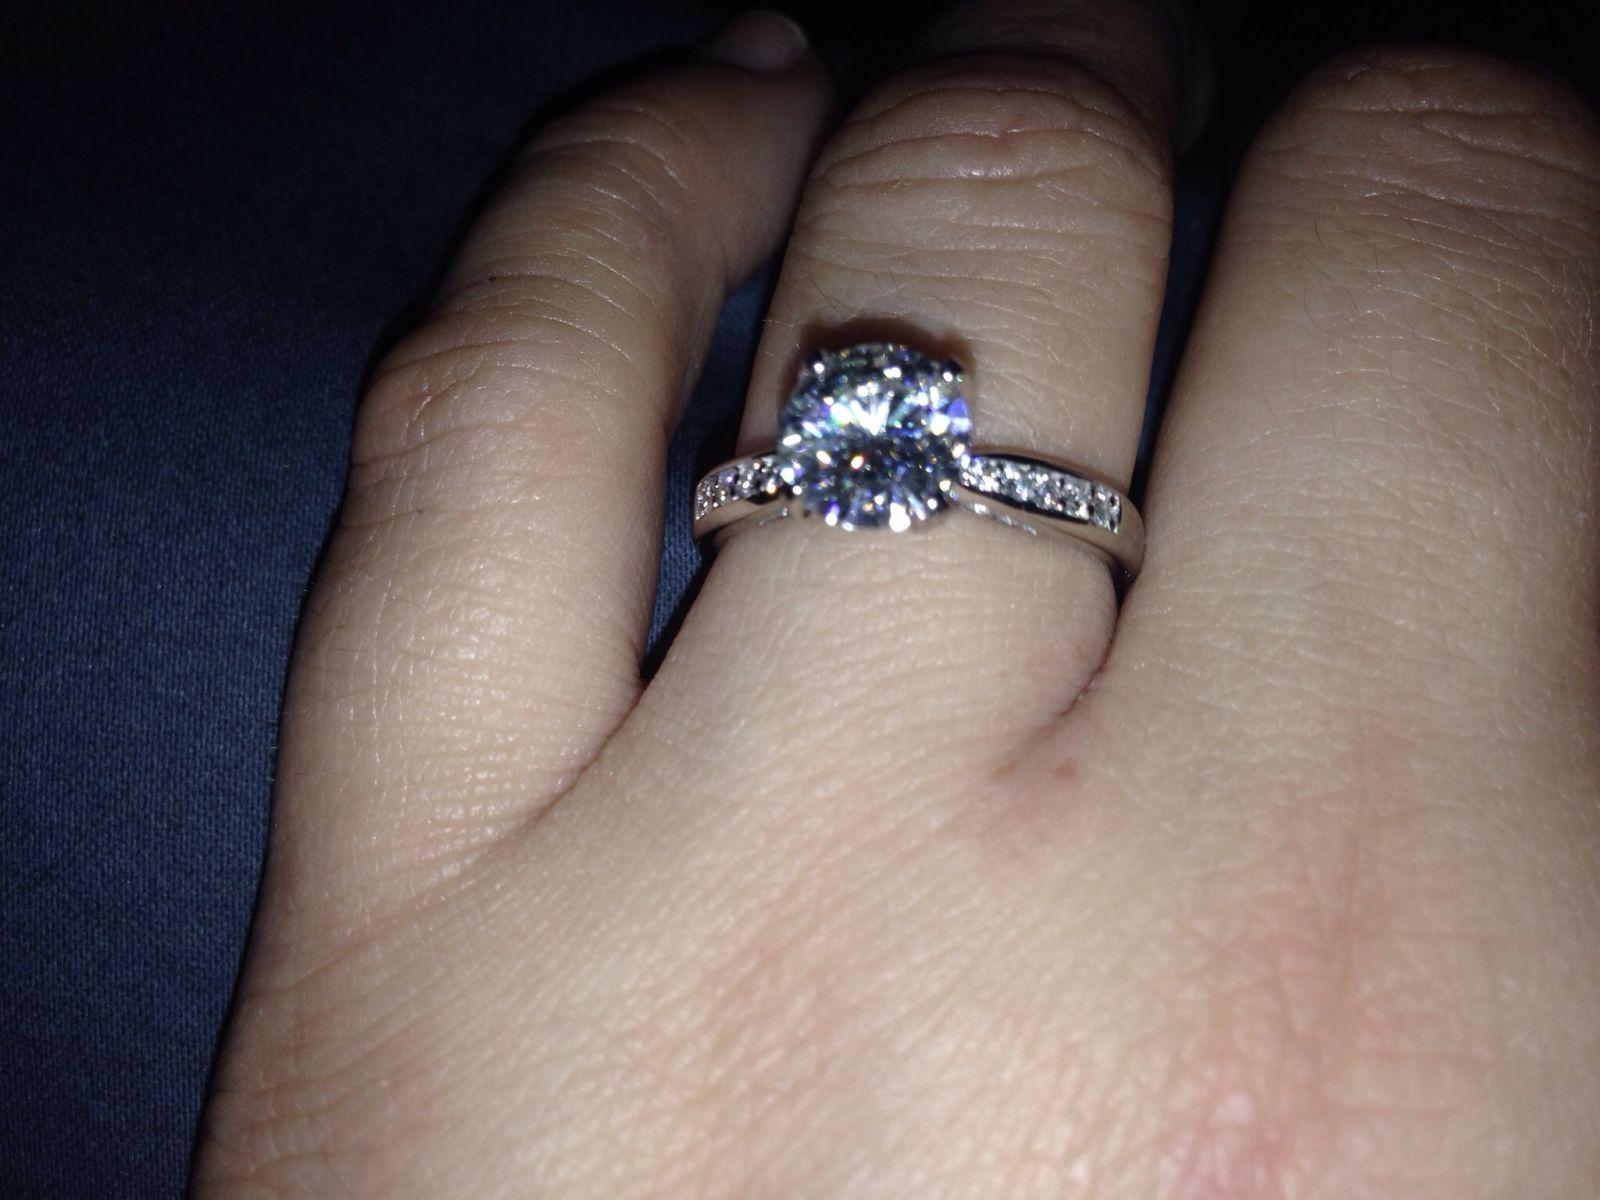 Ring pic #2